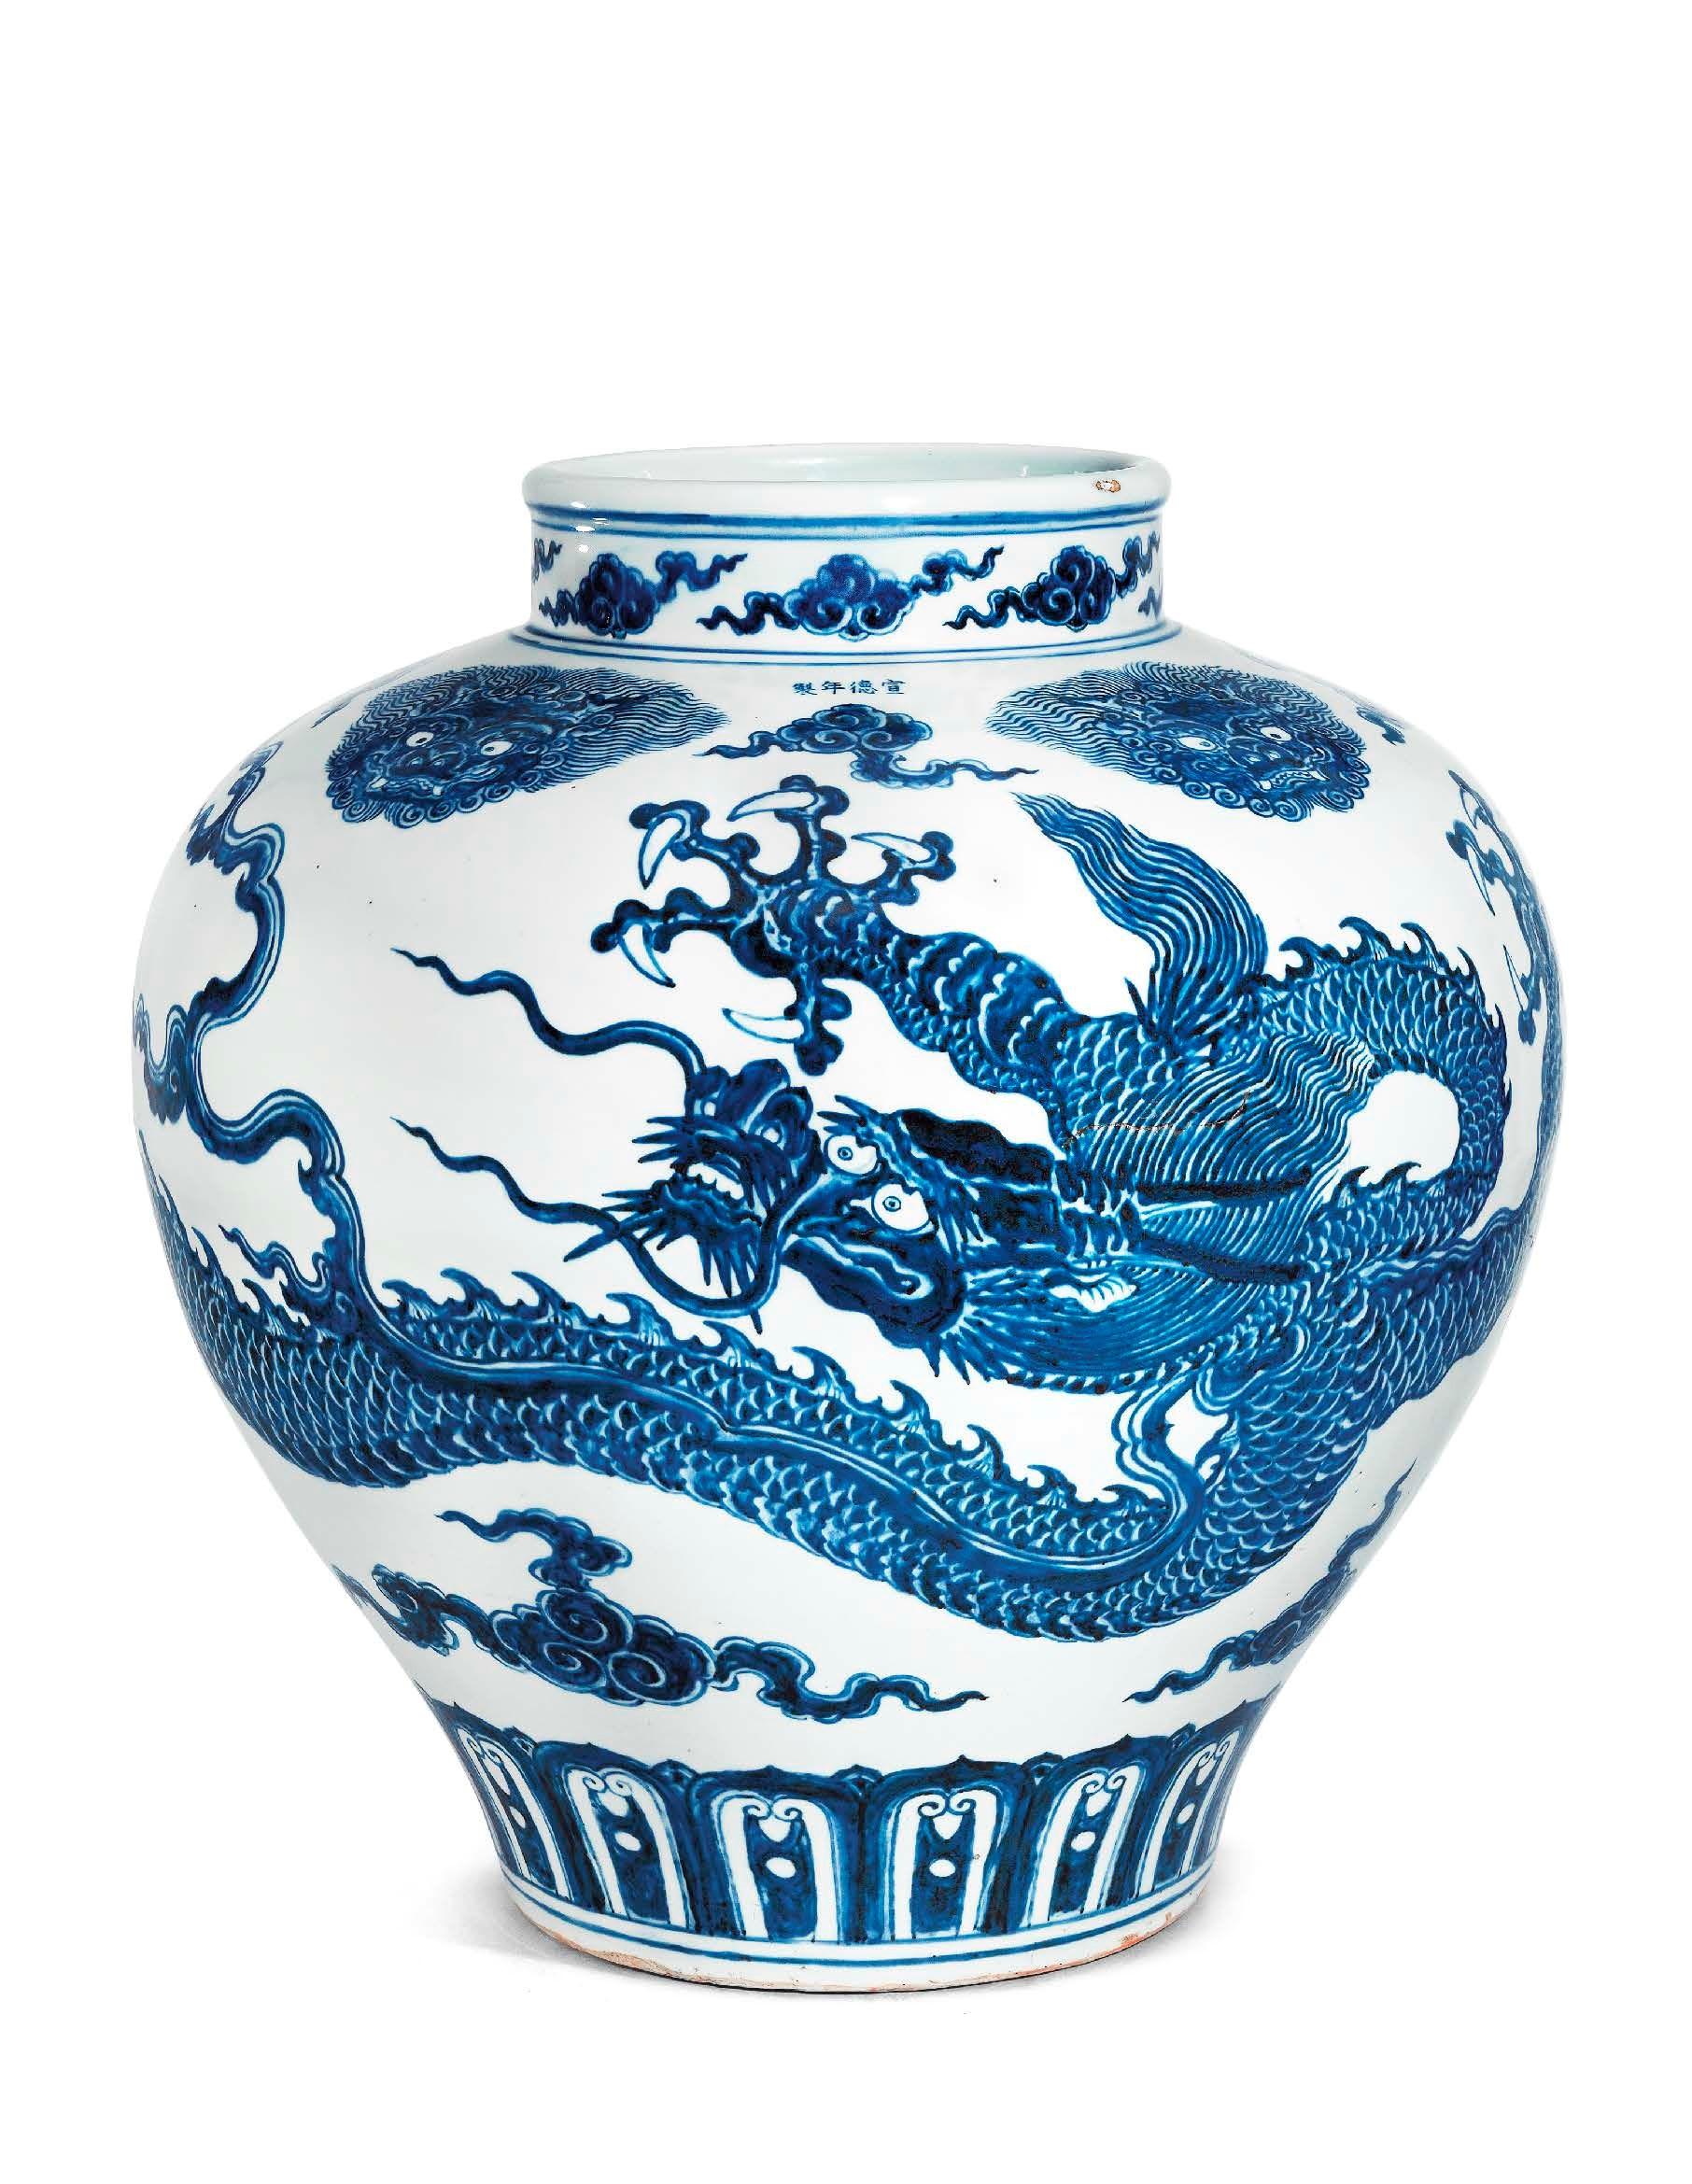 明宣德 青花云龙纹大罐,高 48.5公分。2016年5月30日在佳士得香港以158,040,000港元成交。